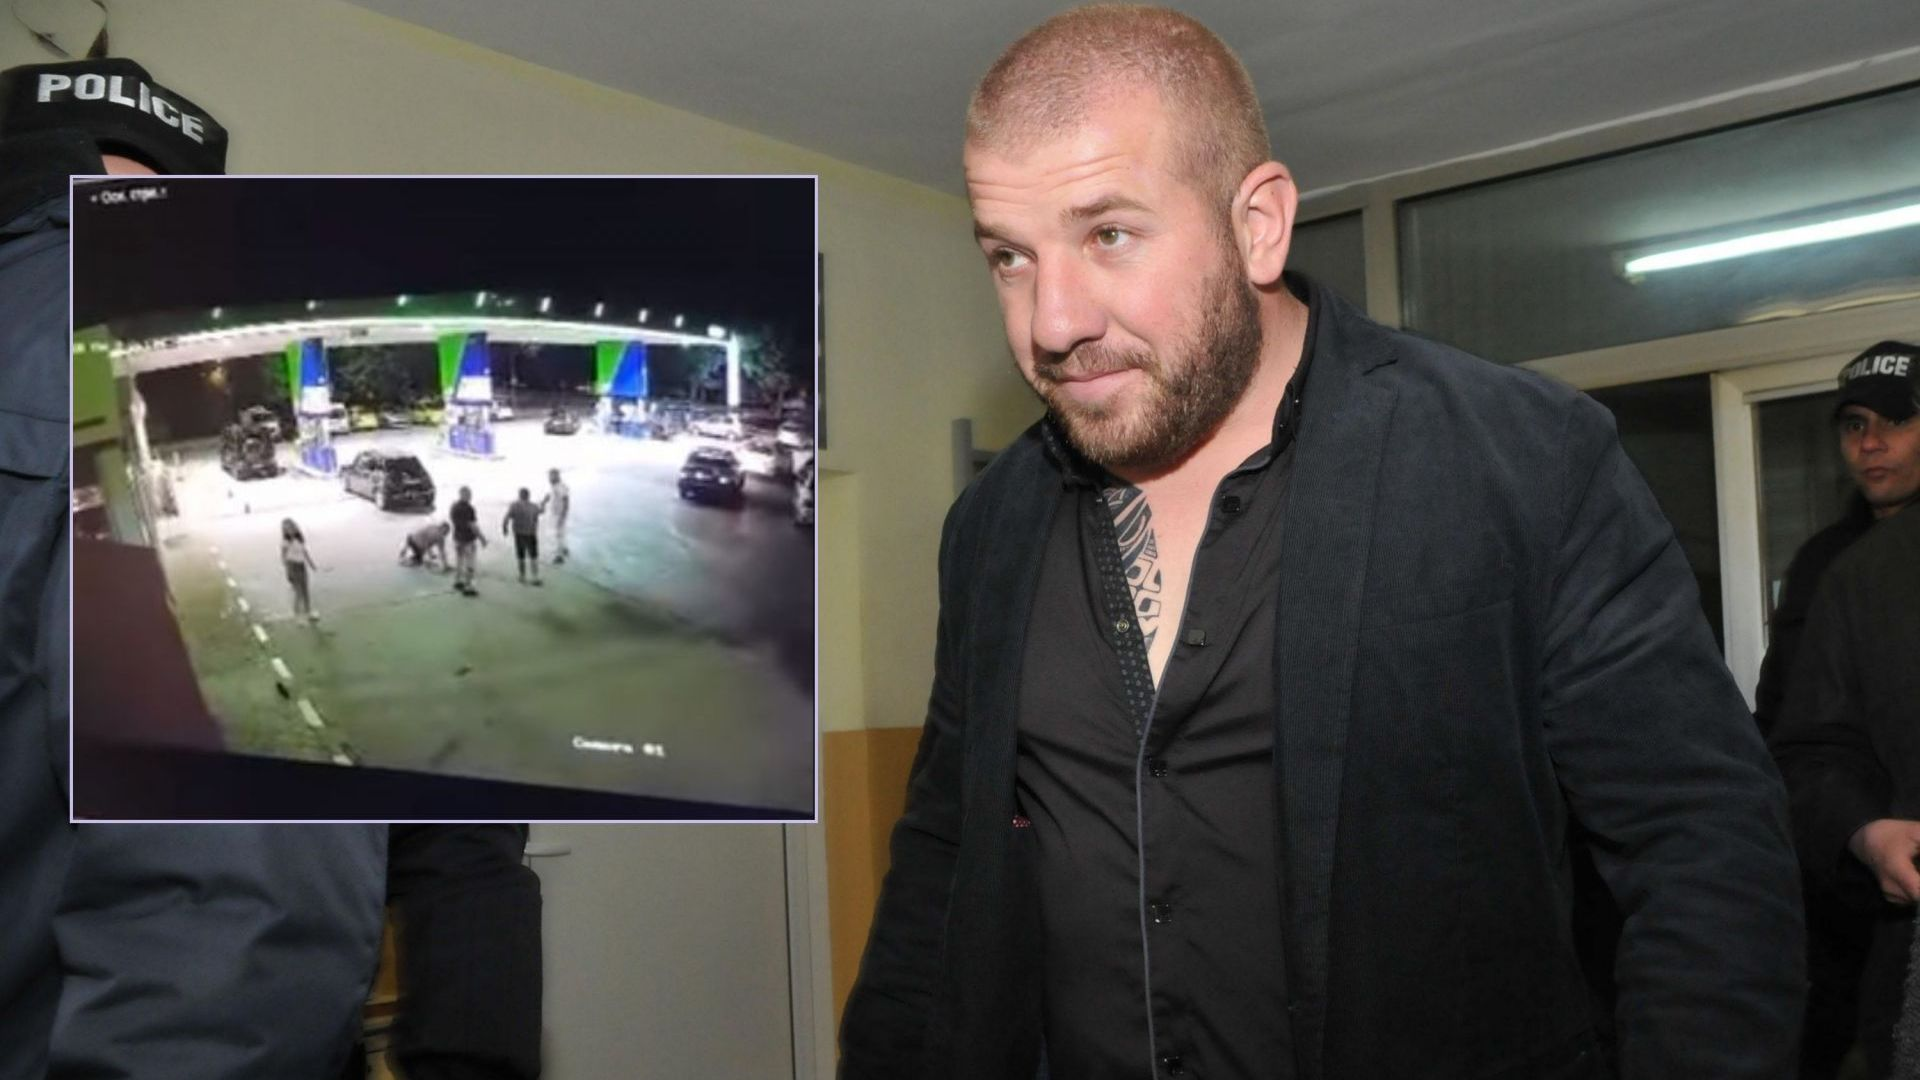 Нощен бой на бензиностанция, в главната роля - Динко Вълев (видео)